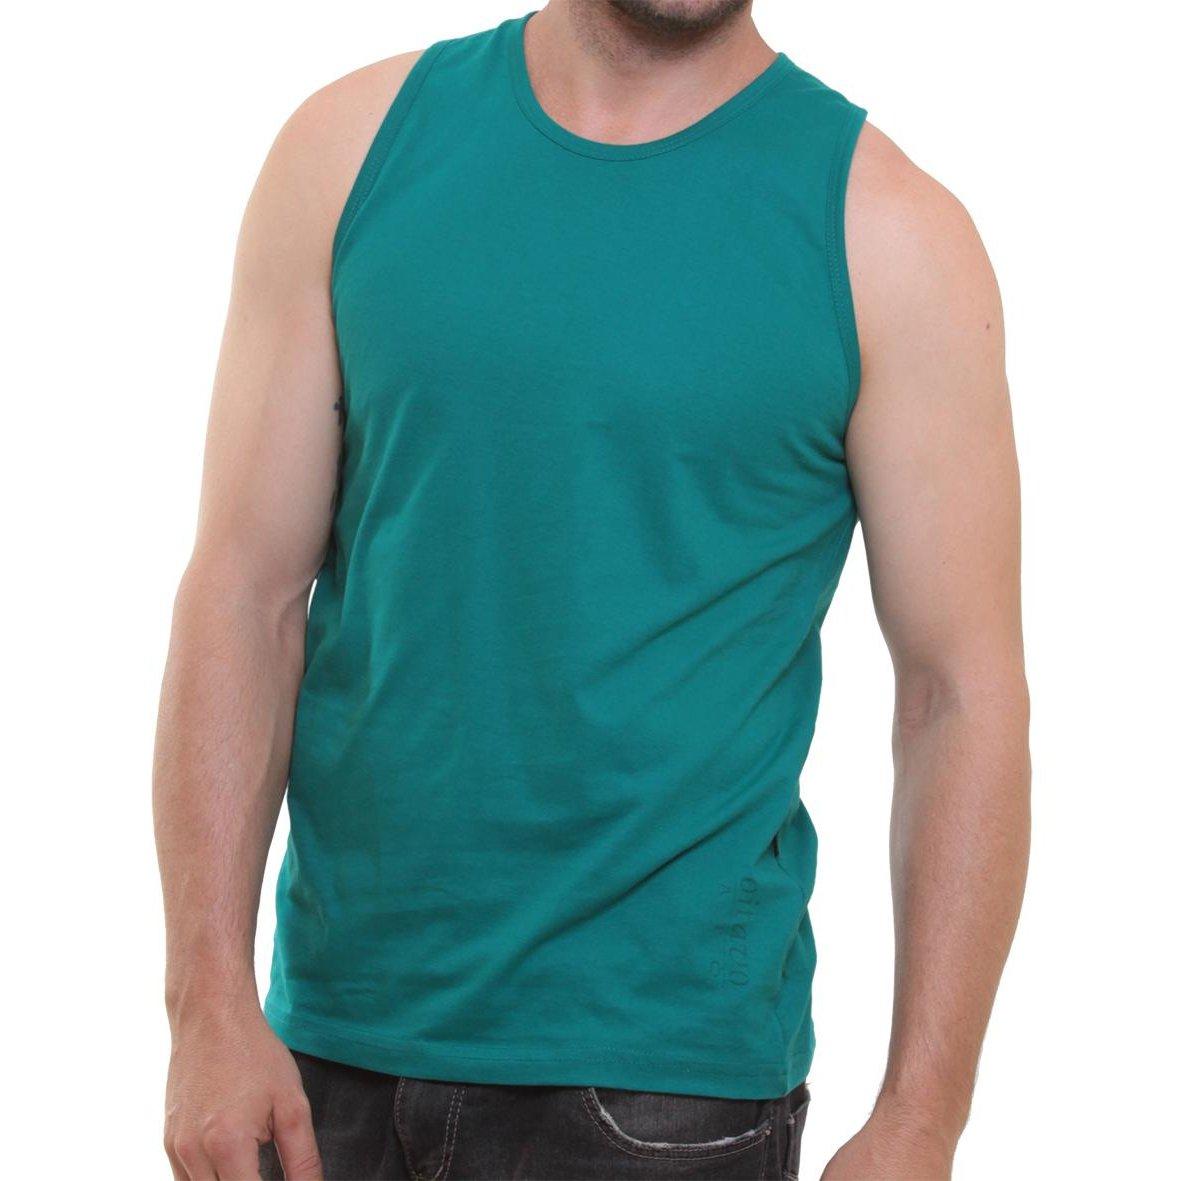 c308eeffb Camiseta Regata Masculina Oitavo Ato Lisa Básica Mescla - Azul Petróleo -  Compre Agora